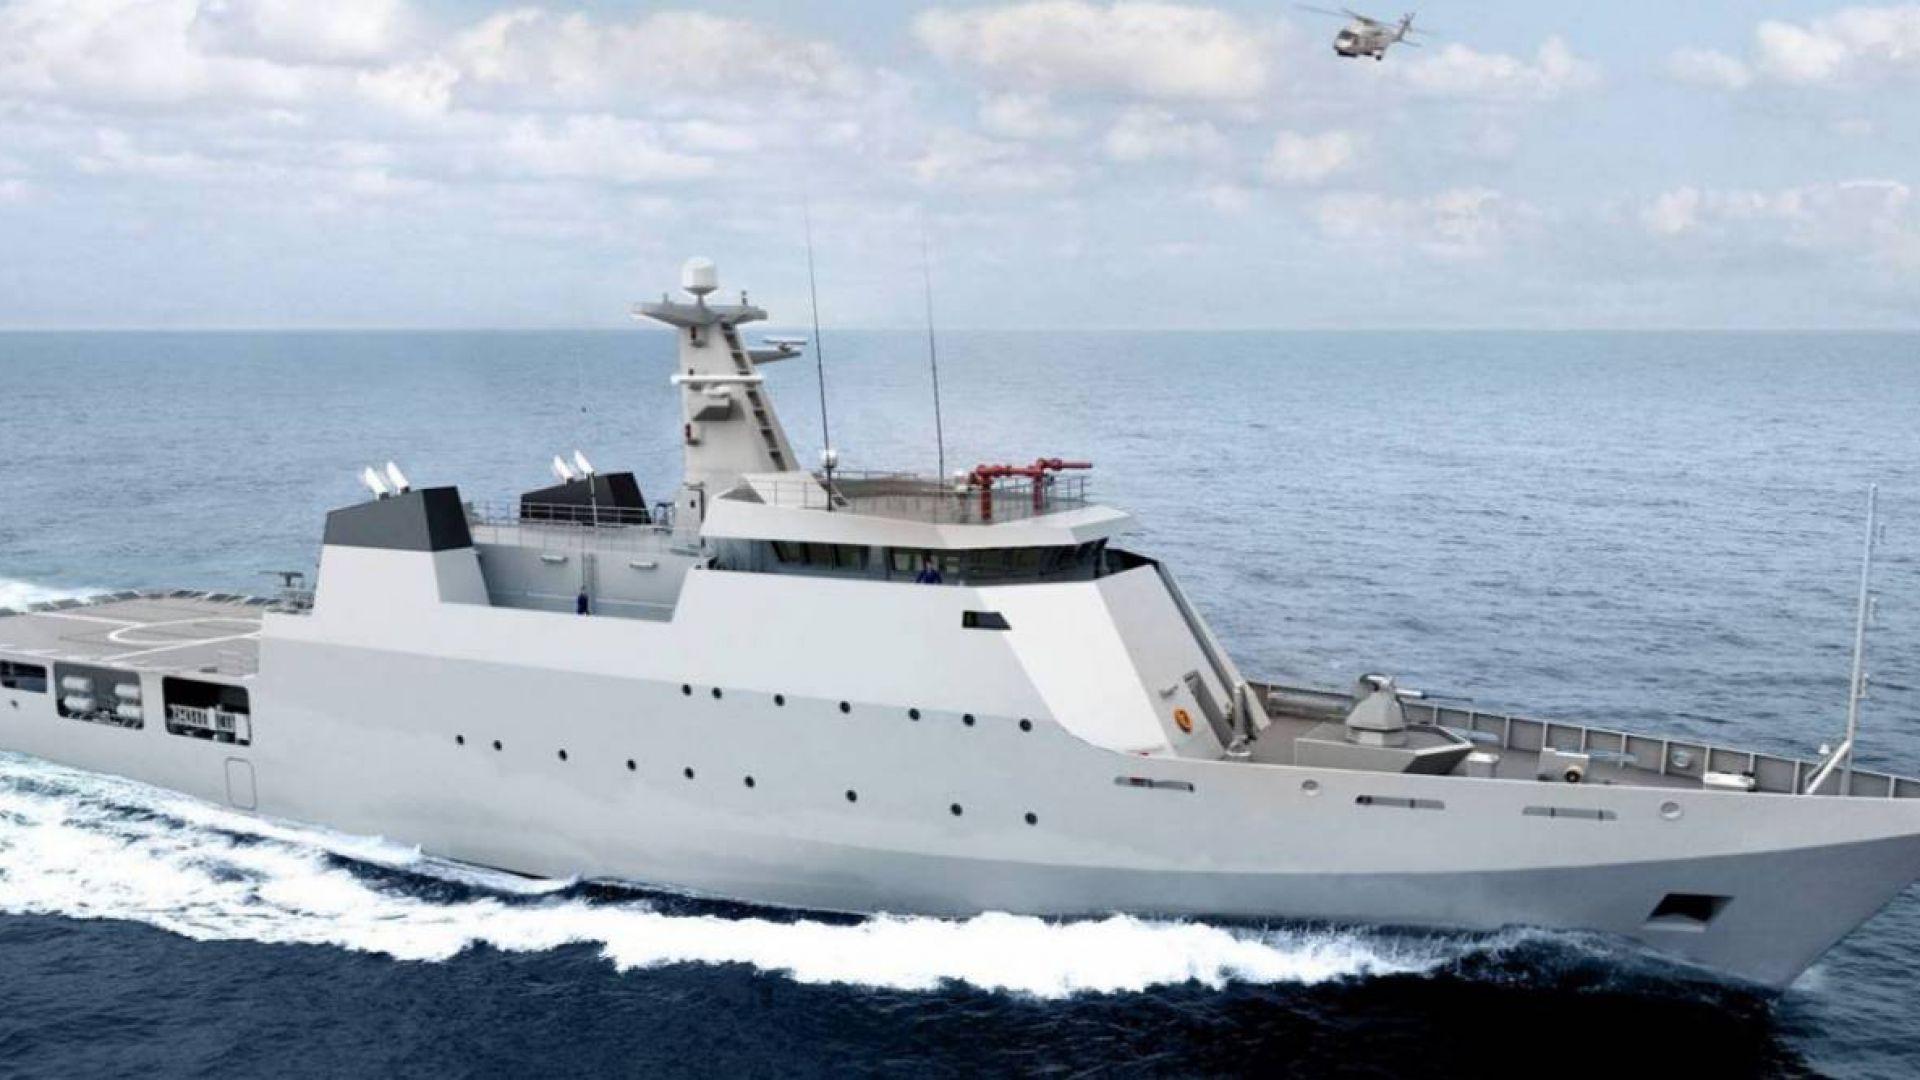 Политически спорове спряха Румъния да купи 4 военни кораба за 1,6 млрд. евро